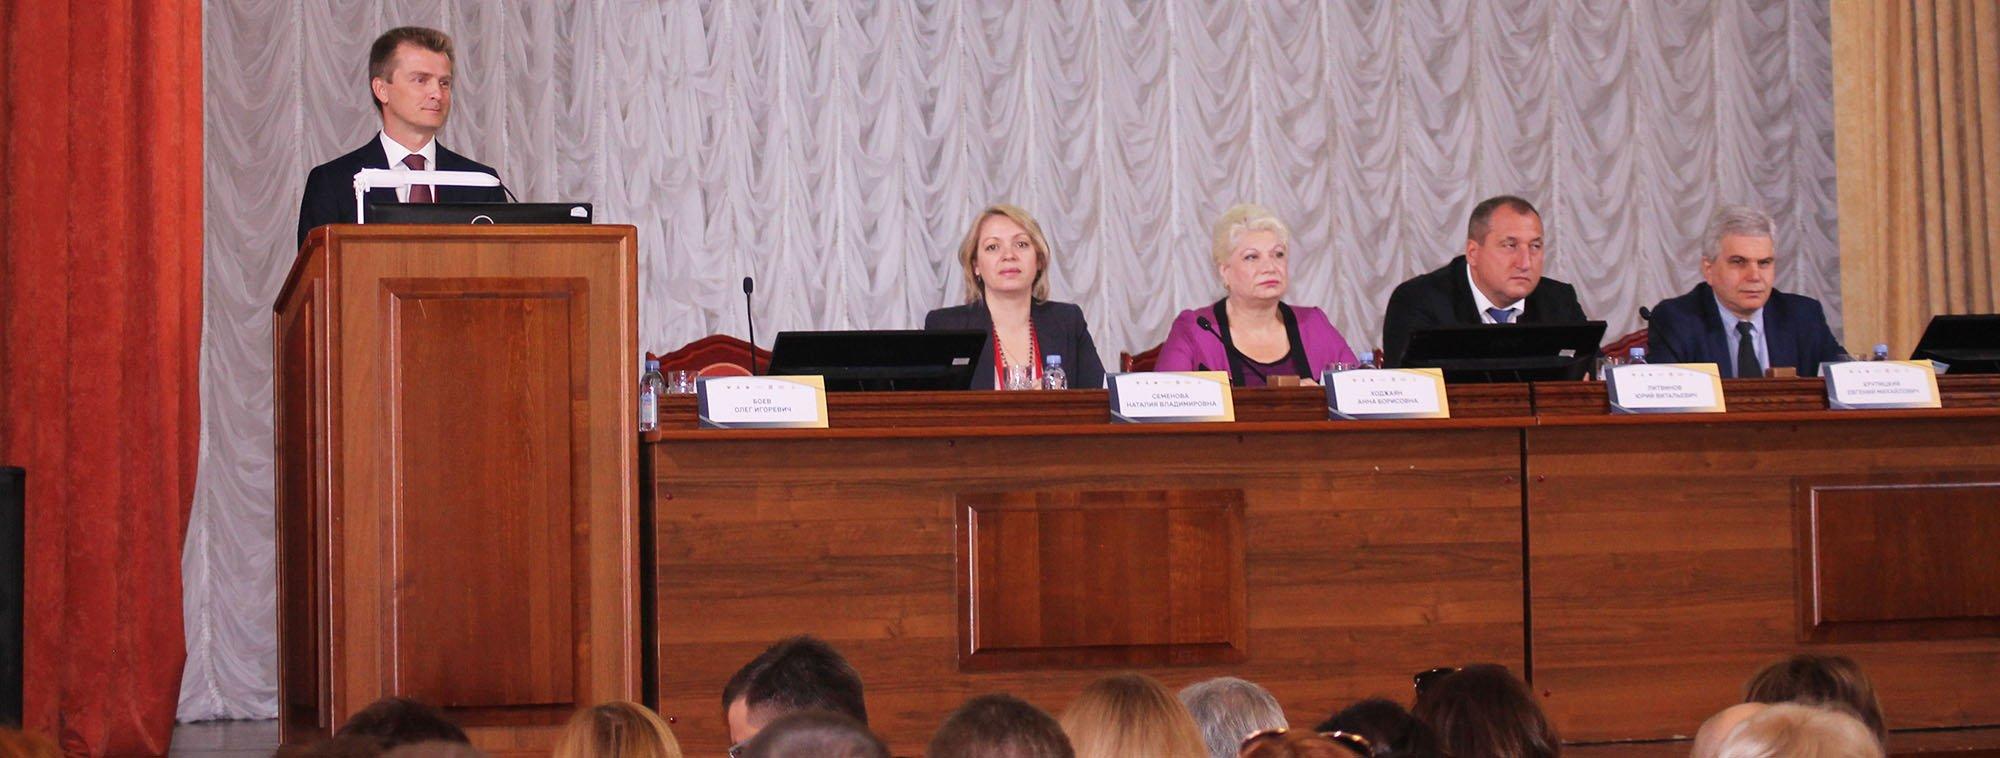 В Ставрополе прошла научно-практическая конференция, посвященная инновациям в психиатрии и наркологии